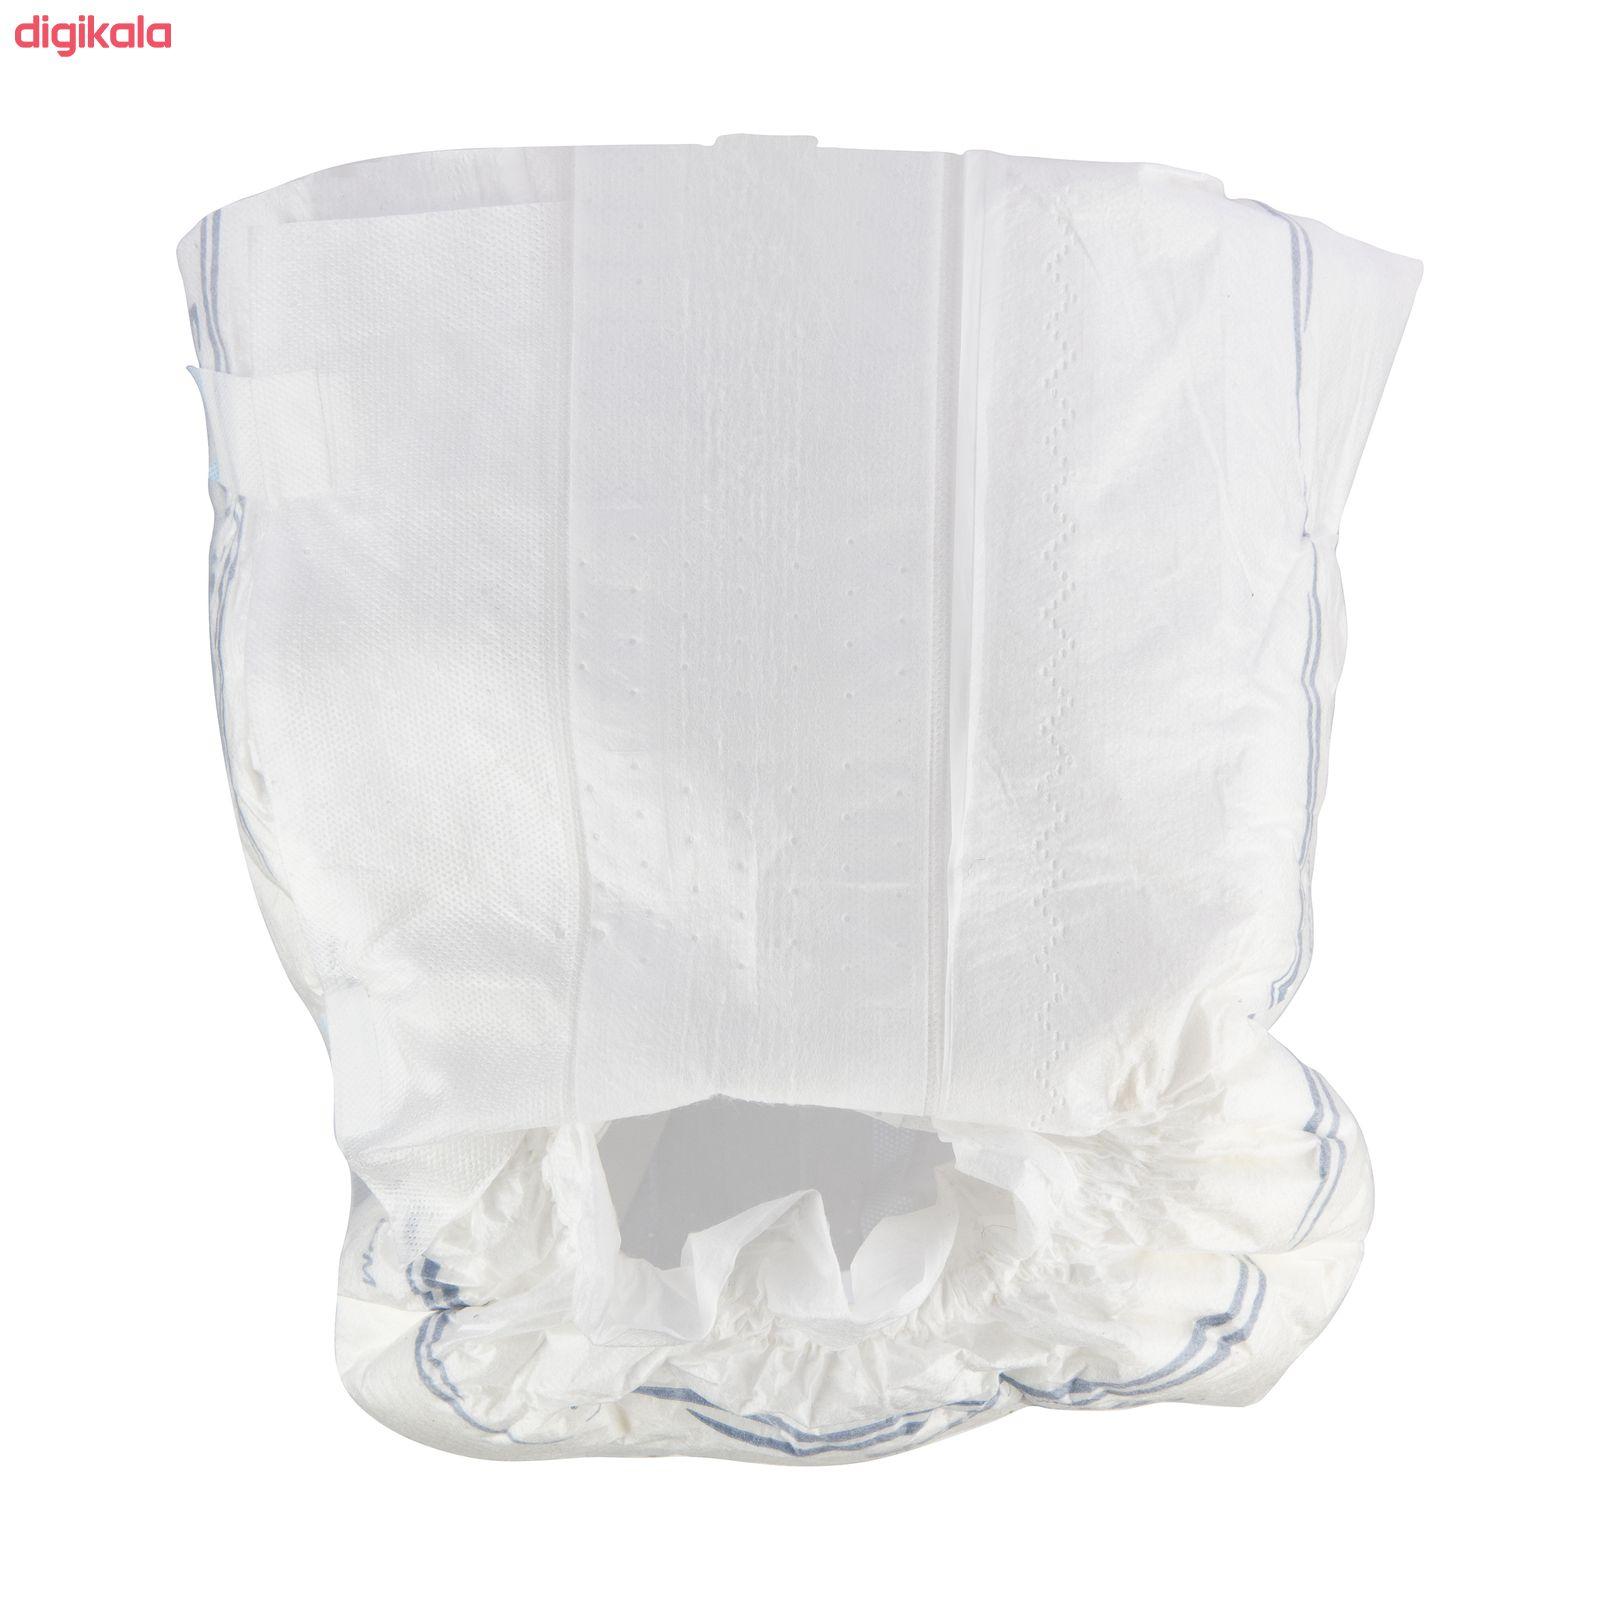 پوشینه بزرگسال چسبی ایزی لایف سایز متوسط بسته 16 عددی main 1 3